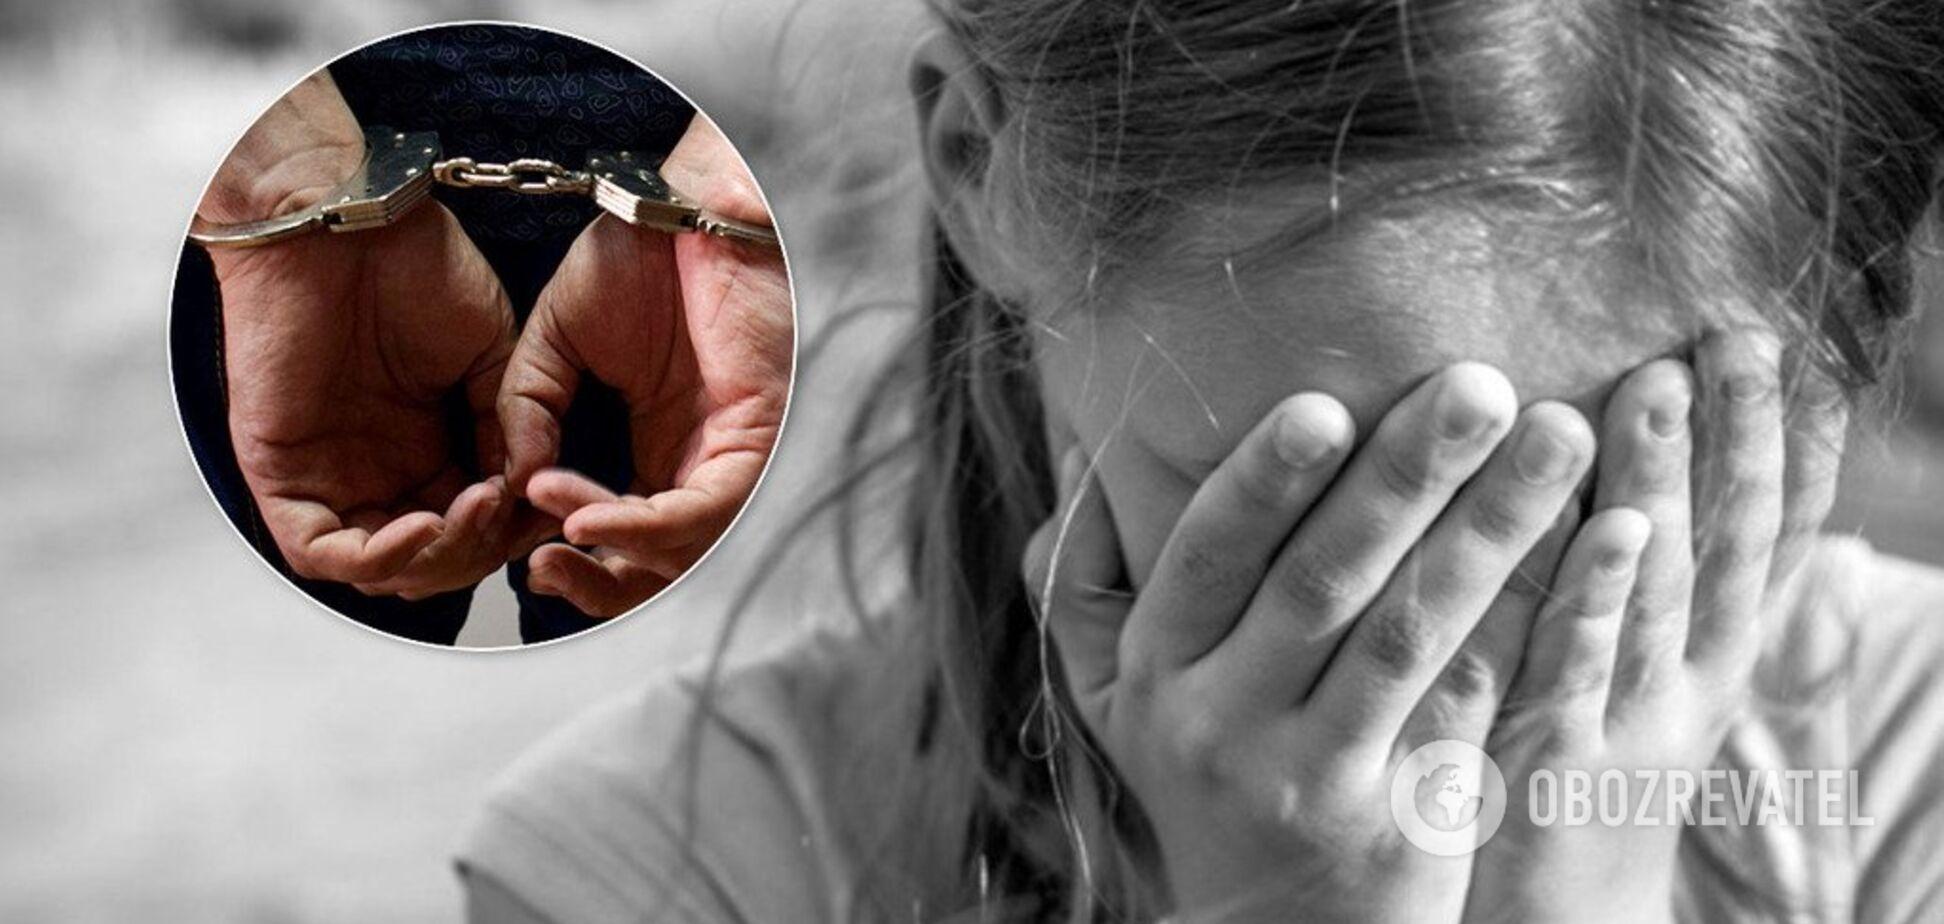 На Вінниччині батько зґвалтував 12-річну доньку